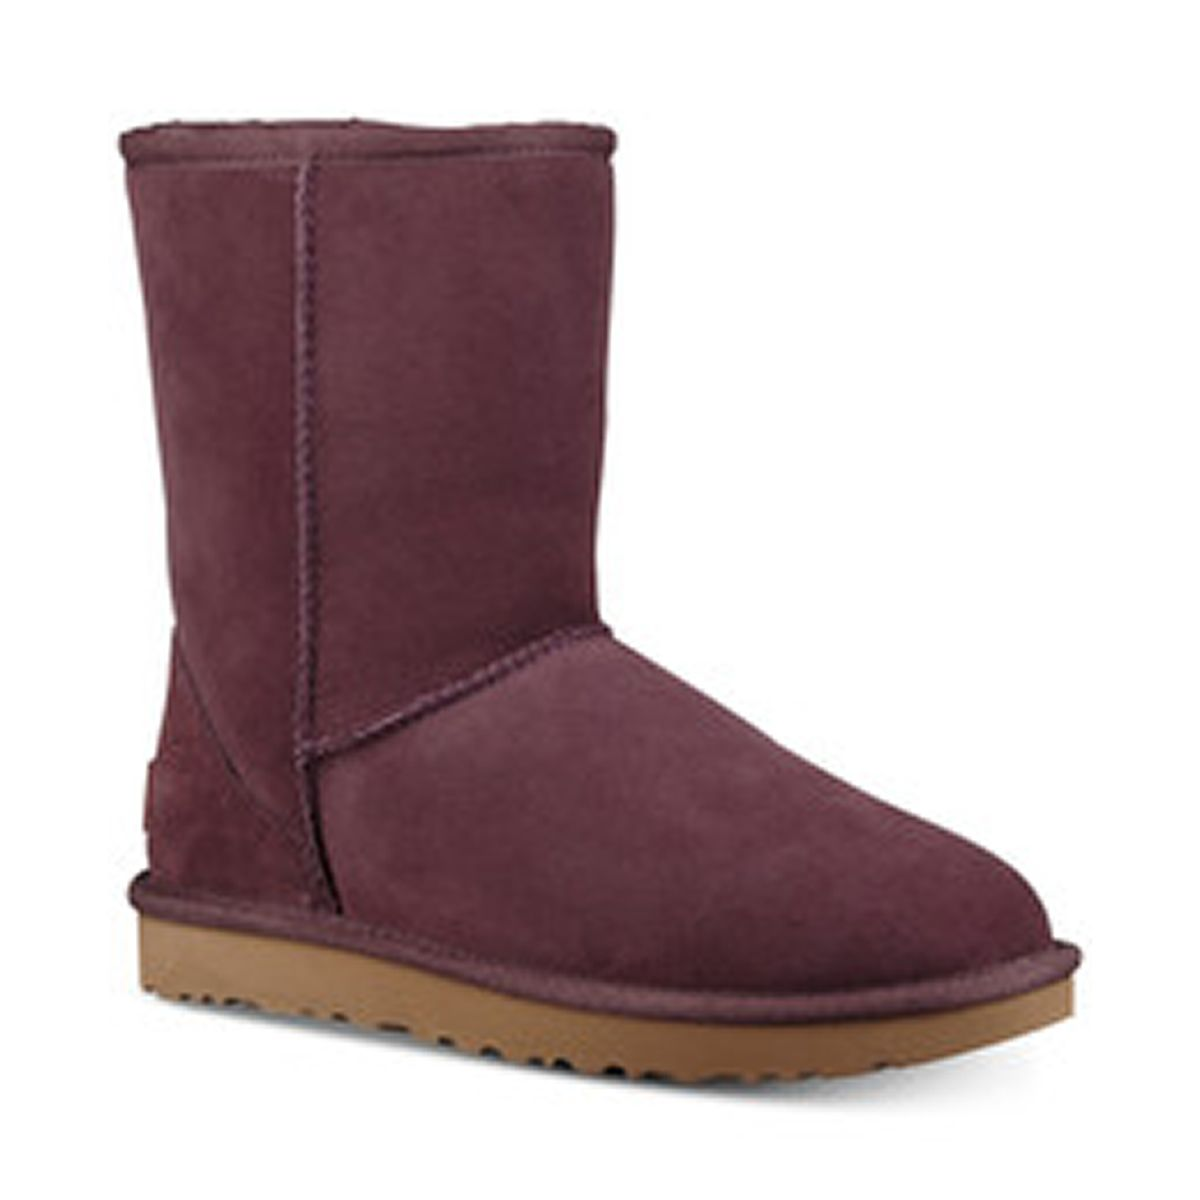 515c3e0f UGG® Women's Boots - Macy's